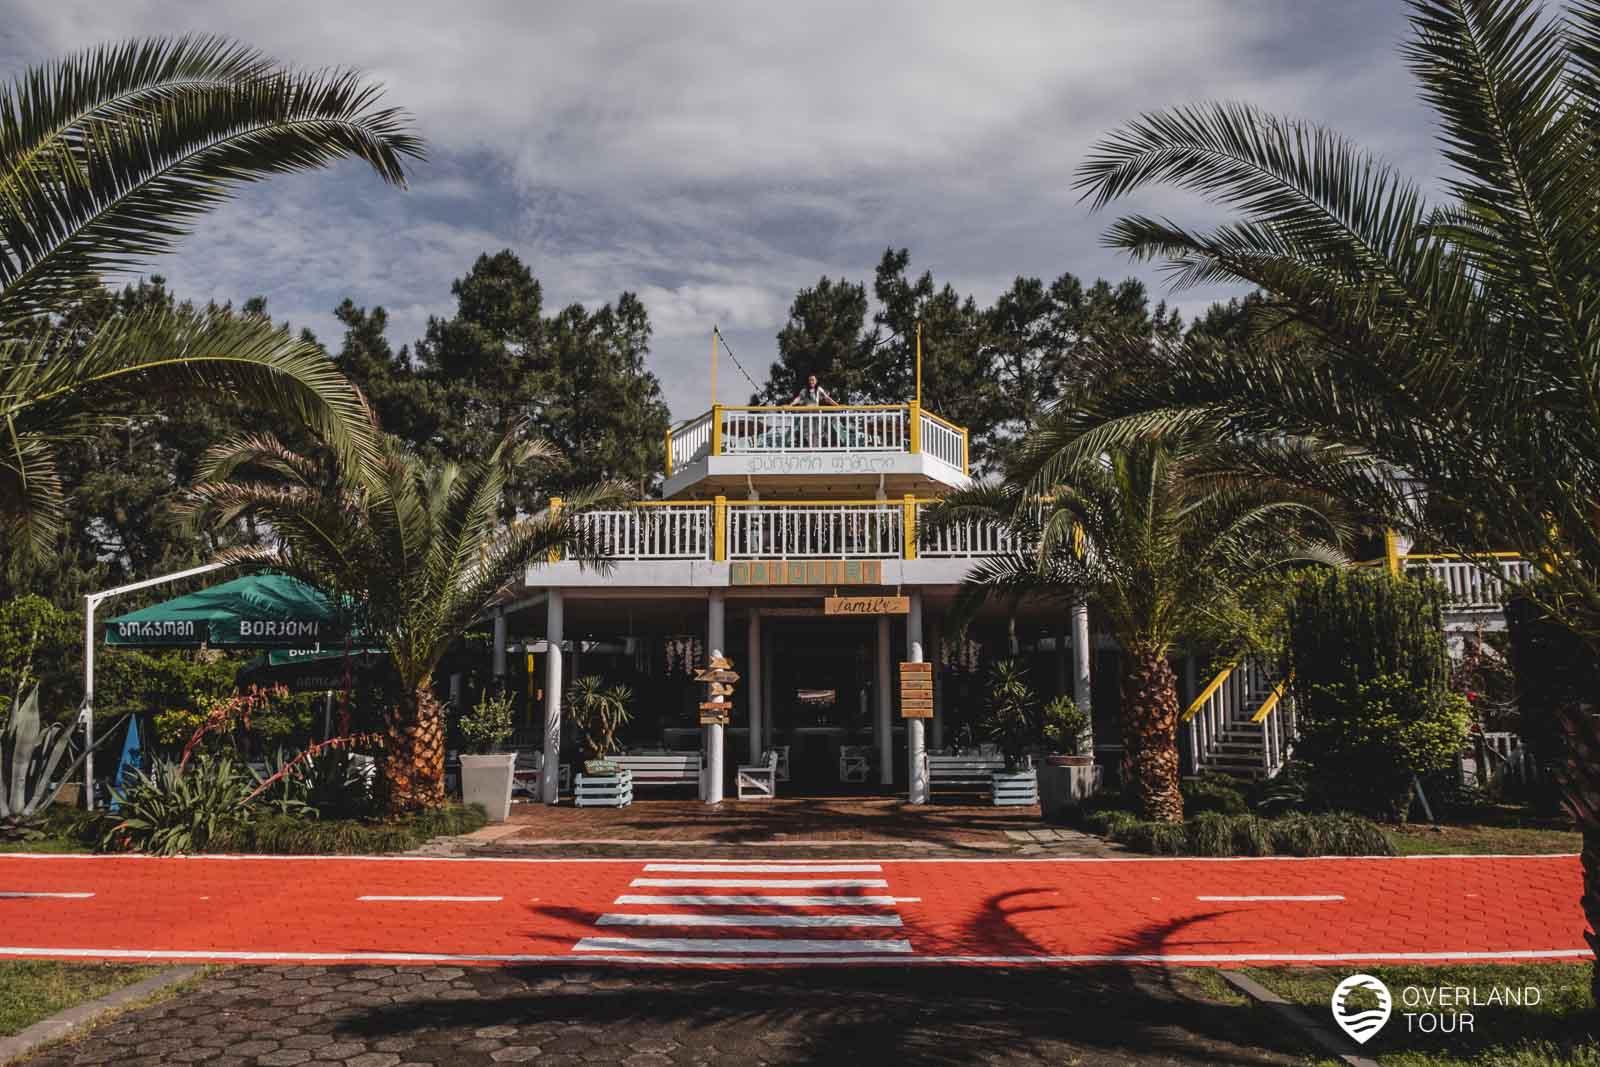 Entlang der Seafront Promenade gibt es immer wieder Cafés und Rstaurants